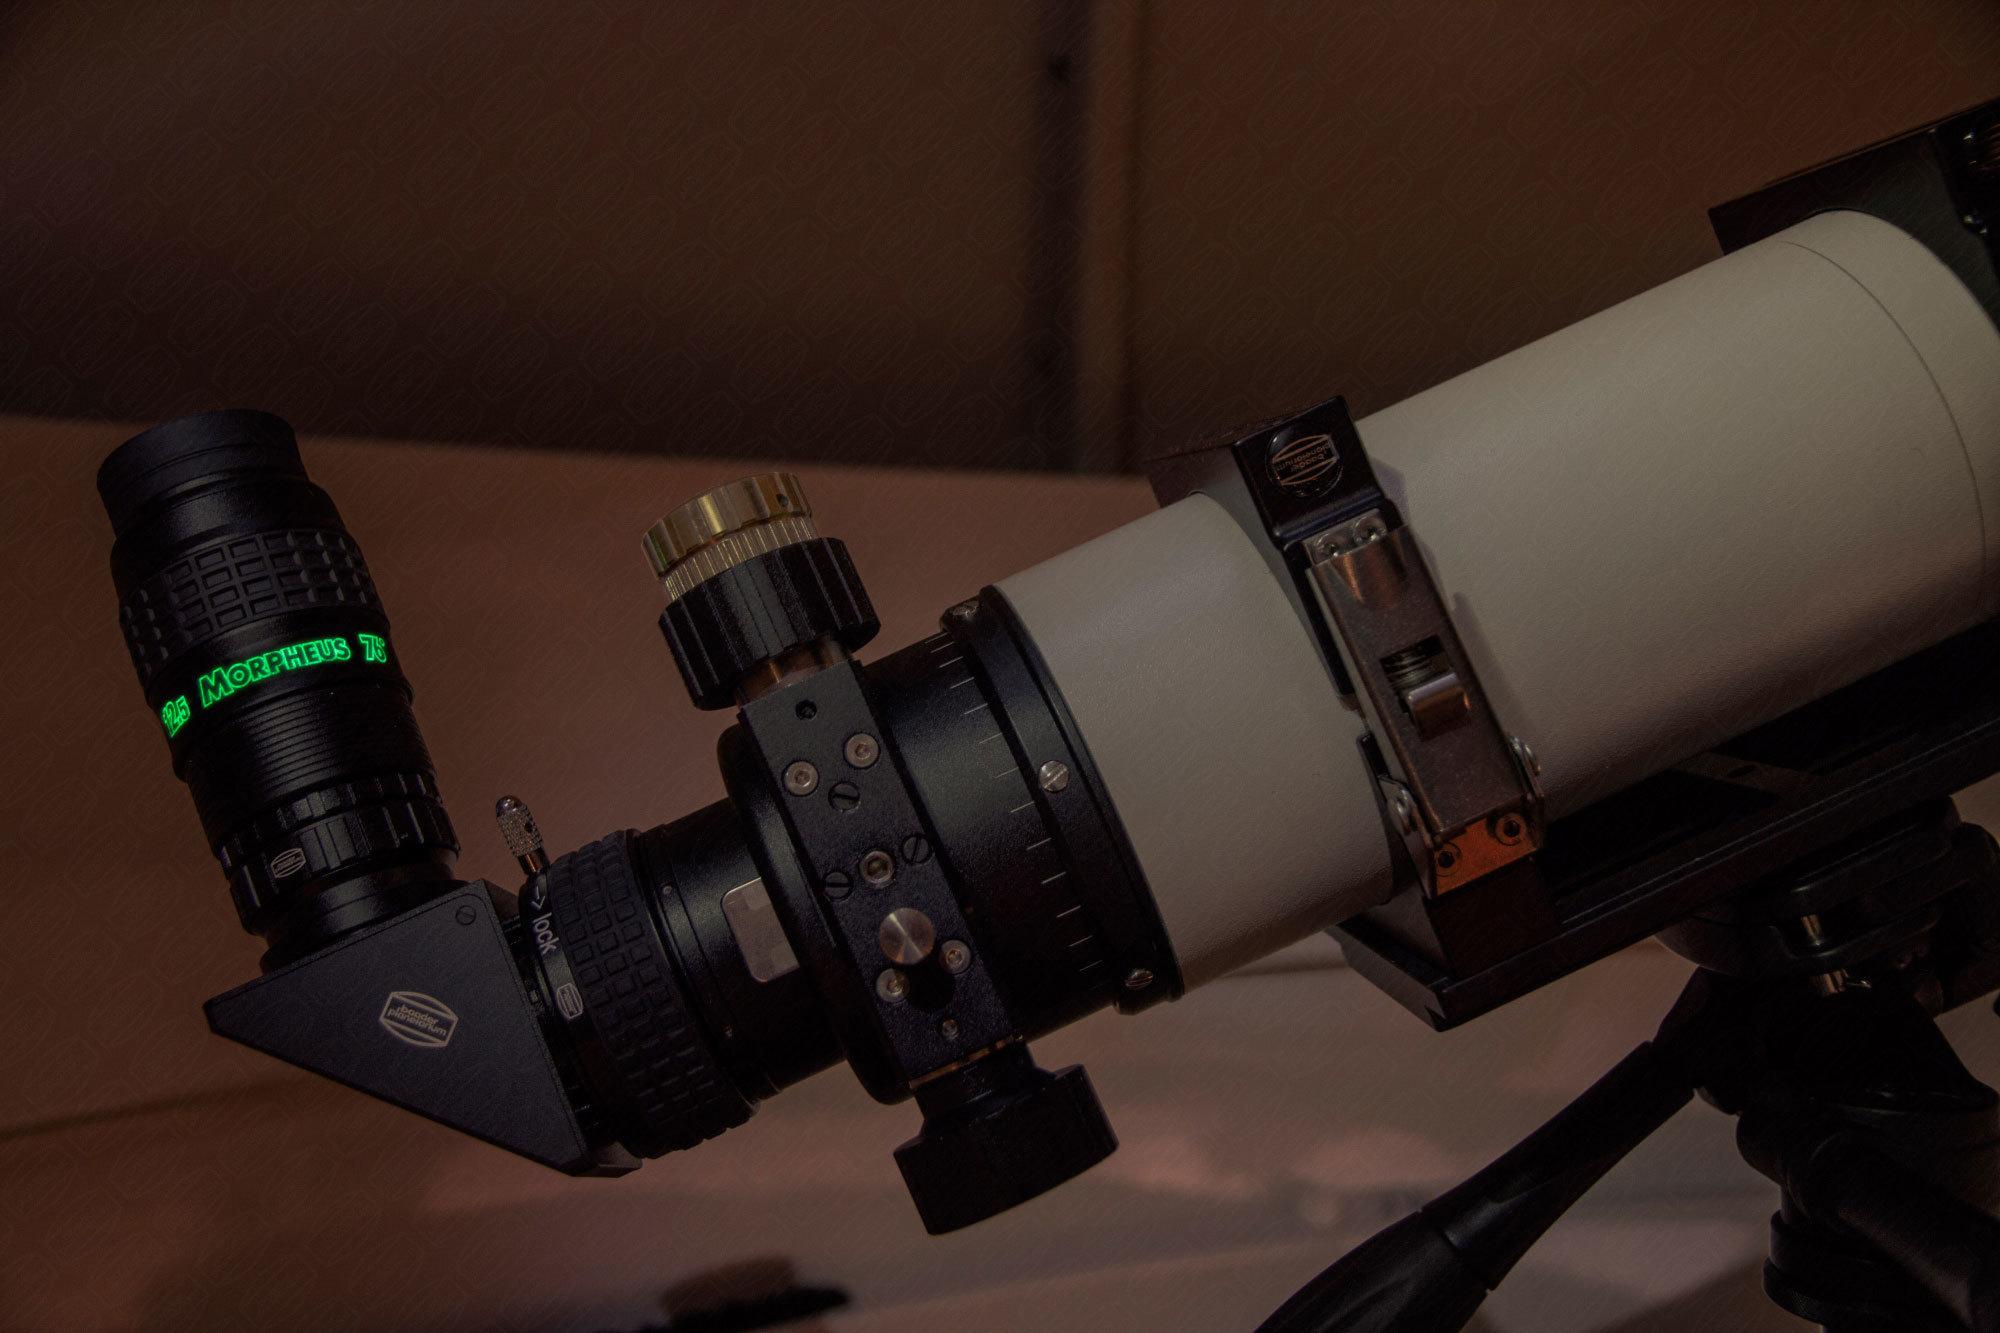 Lumineszens-Beschriftung. Leuchtet bei Bestrahlung ca. 3 min lang nach.